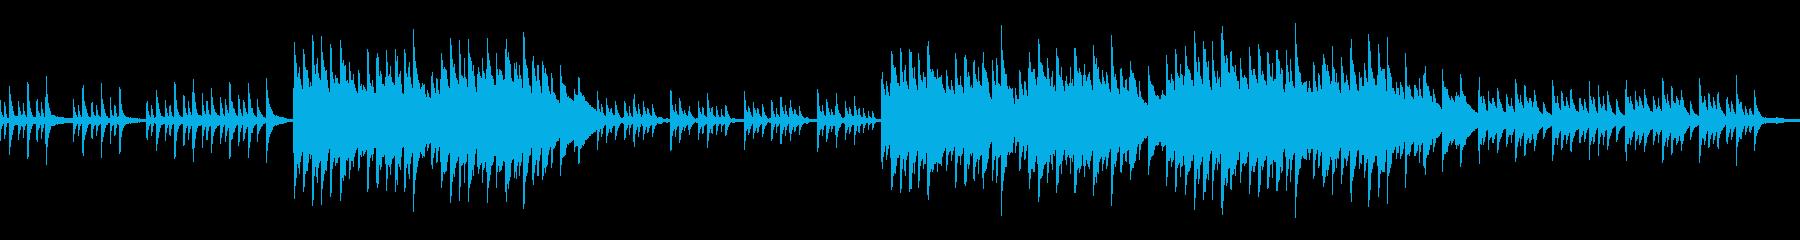 ループ ノスタルジックで切ないピアノソロの再生済みの波形